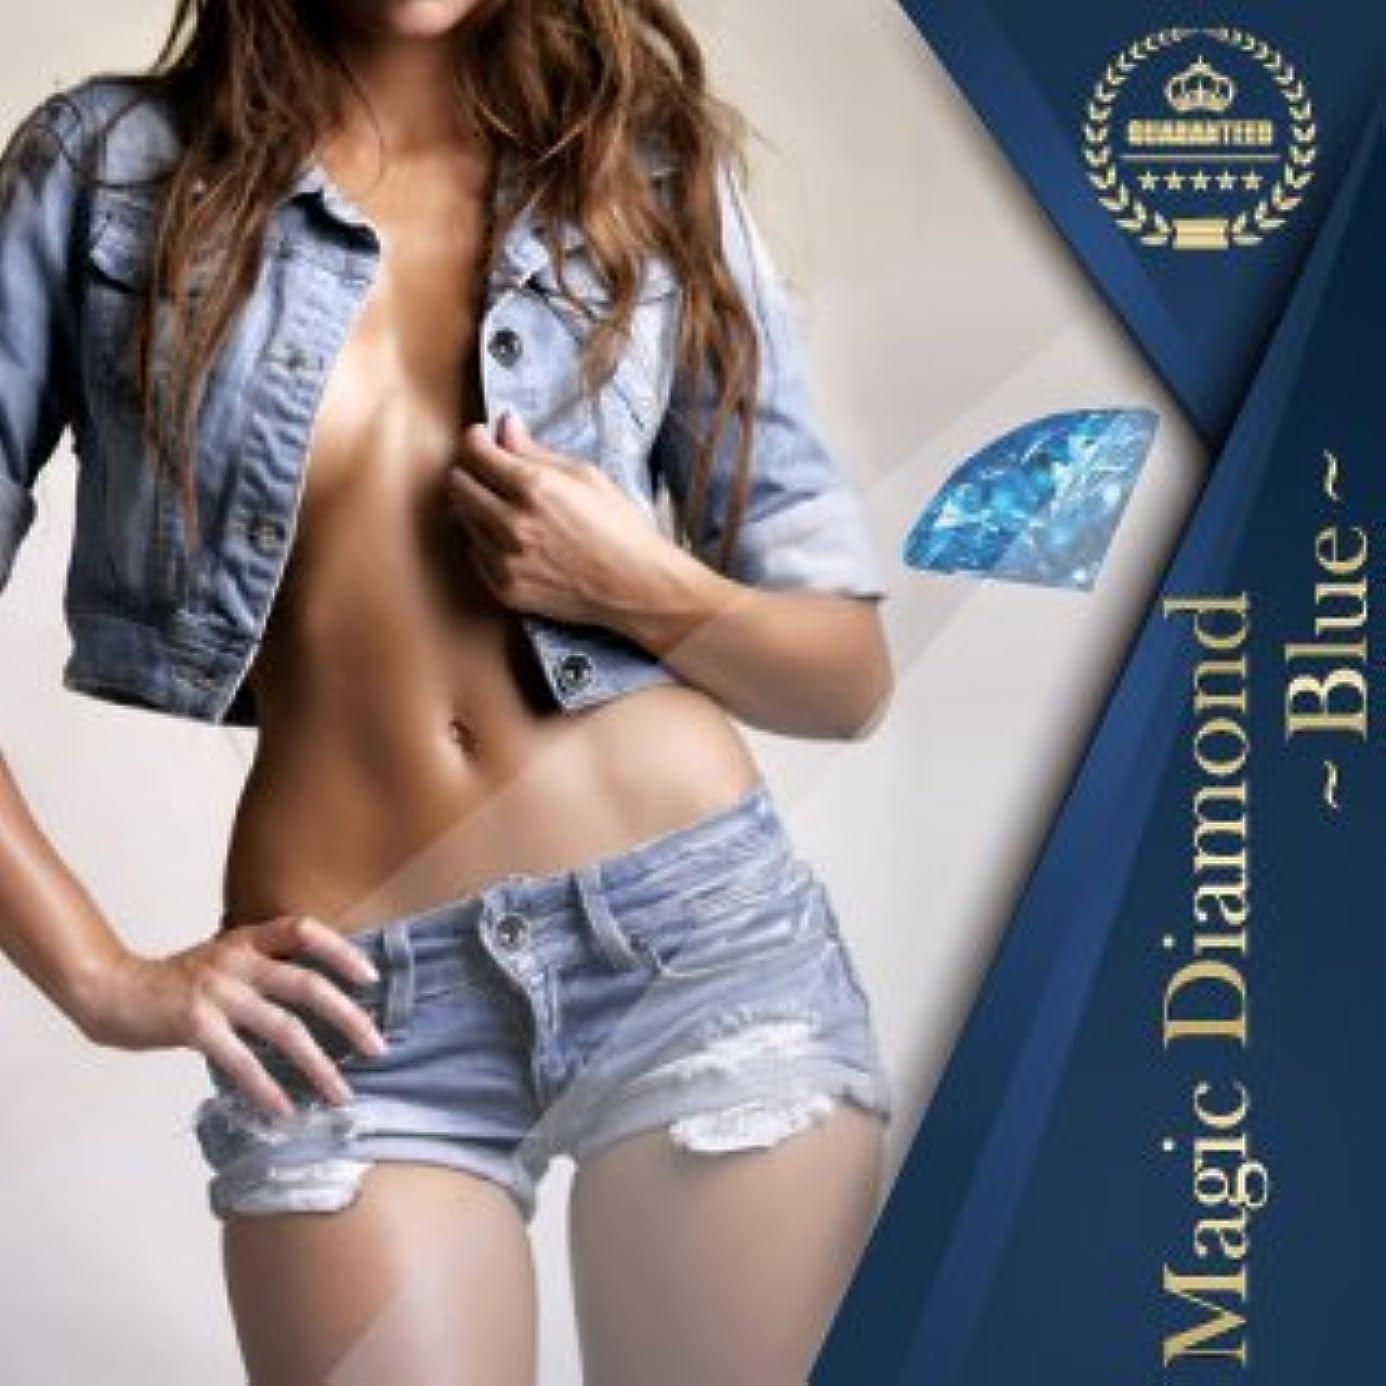 マウントバンク反逆不名誉なMagic Diamond Blue マジックダイアモンドブルー 3個セット